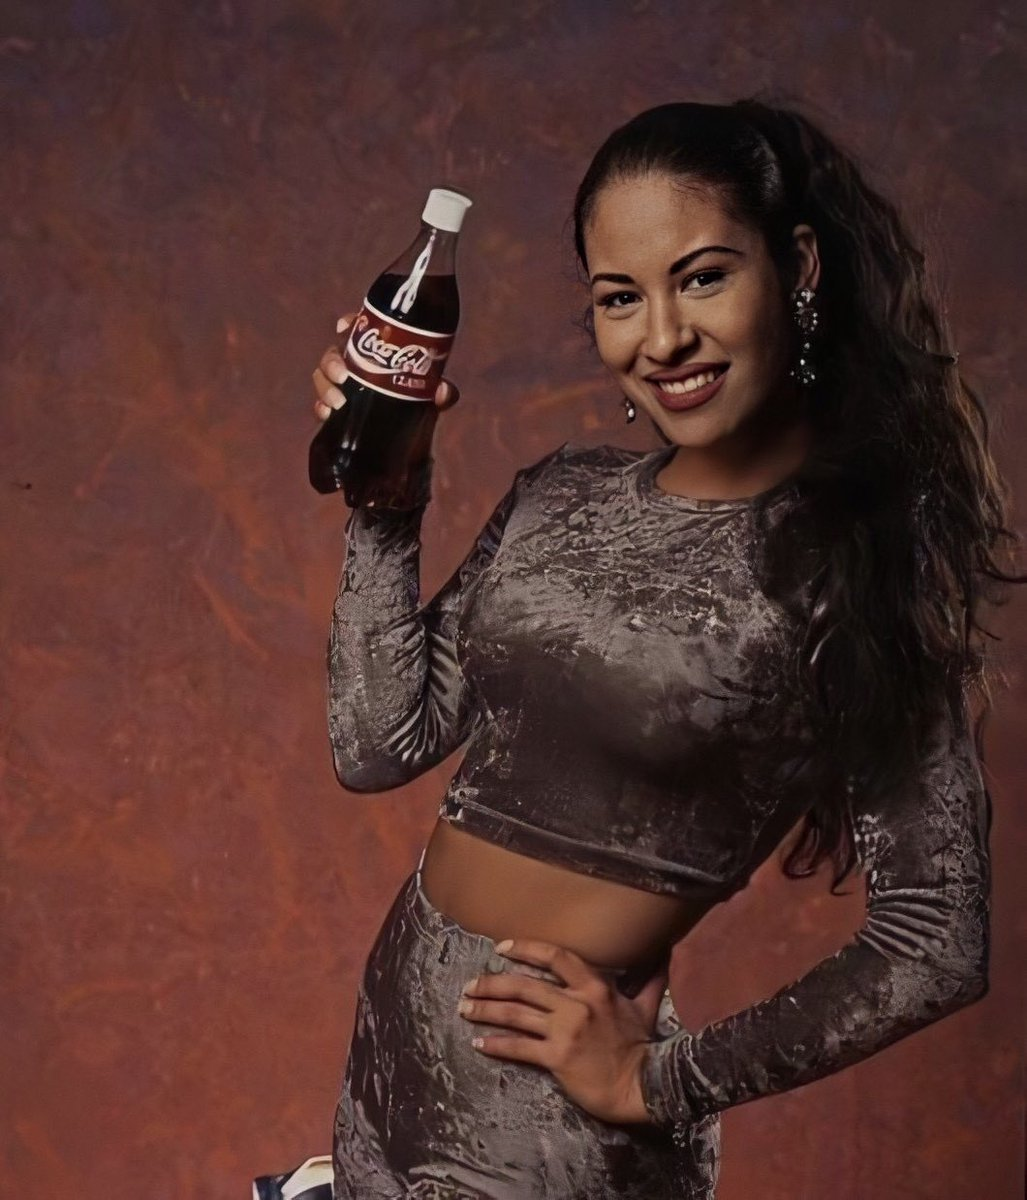 Selena for Coca Cola, 1994